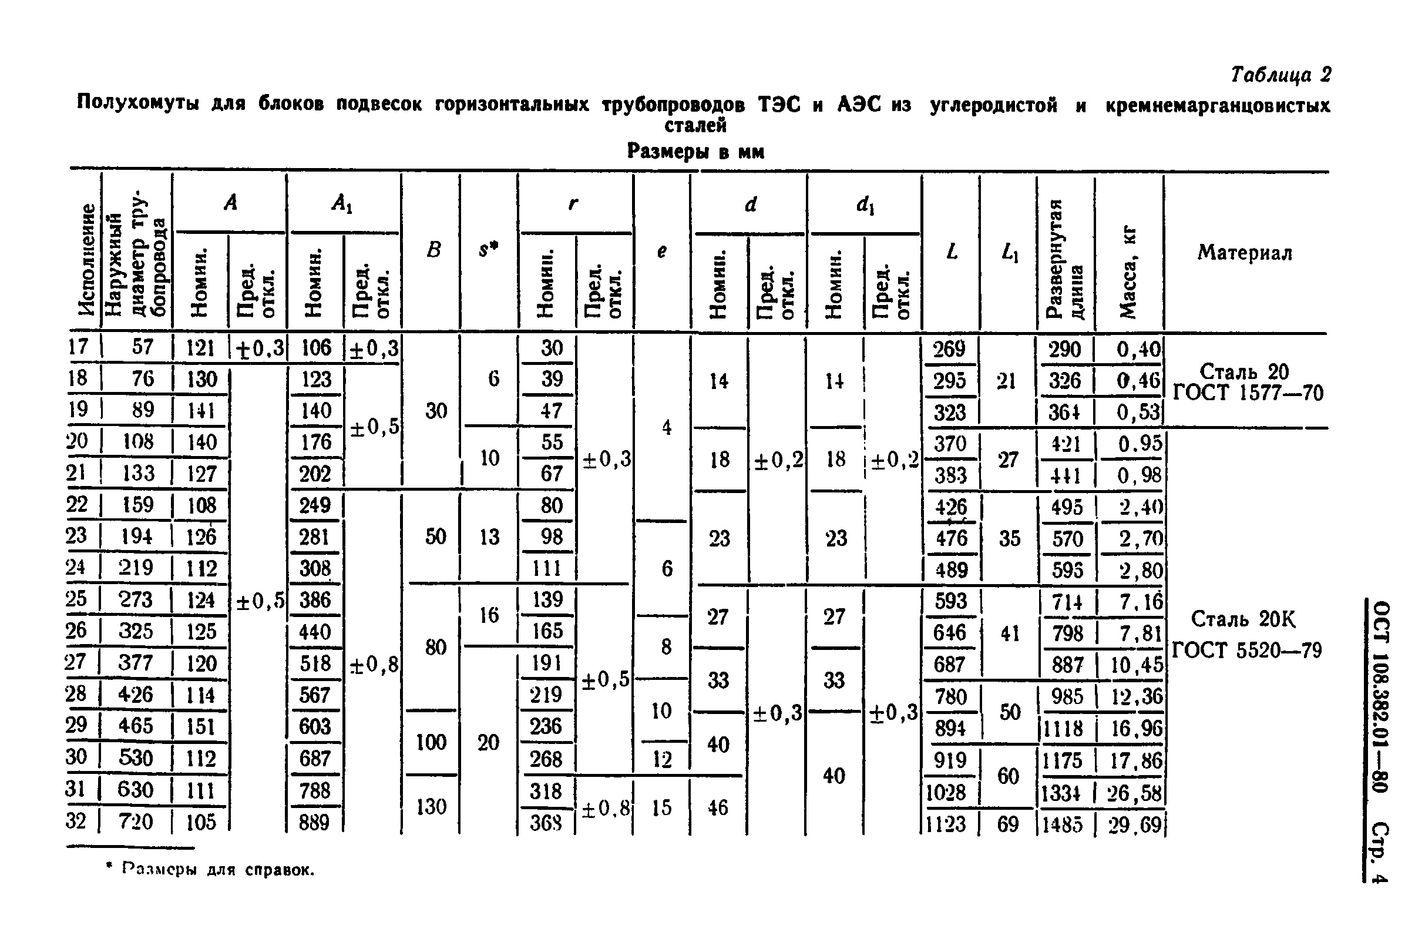 Полухомуты для хомутовых блоков подвесок горизонтальных трубопроводов ОСТ 108.382.01-80 стр.4